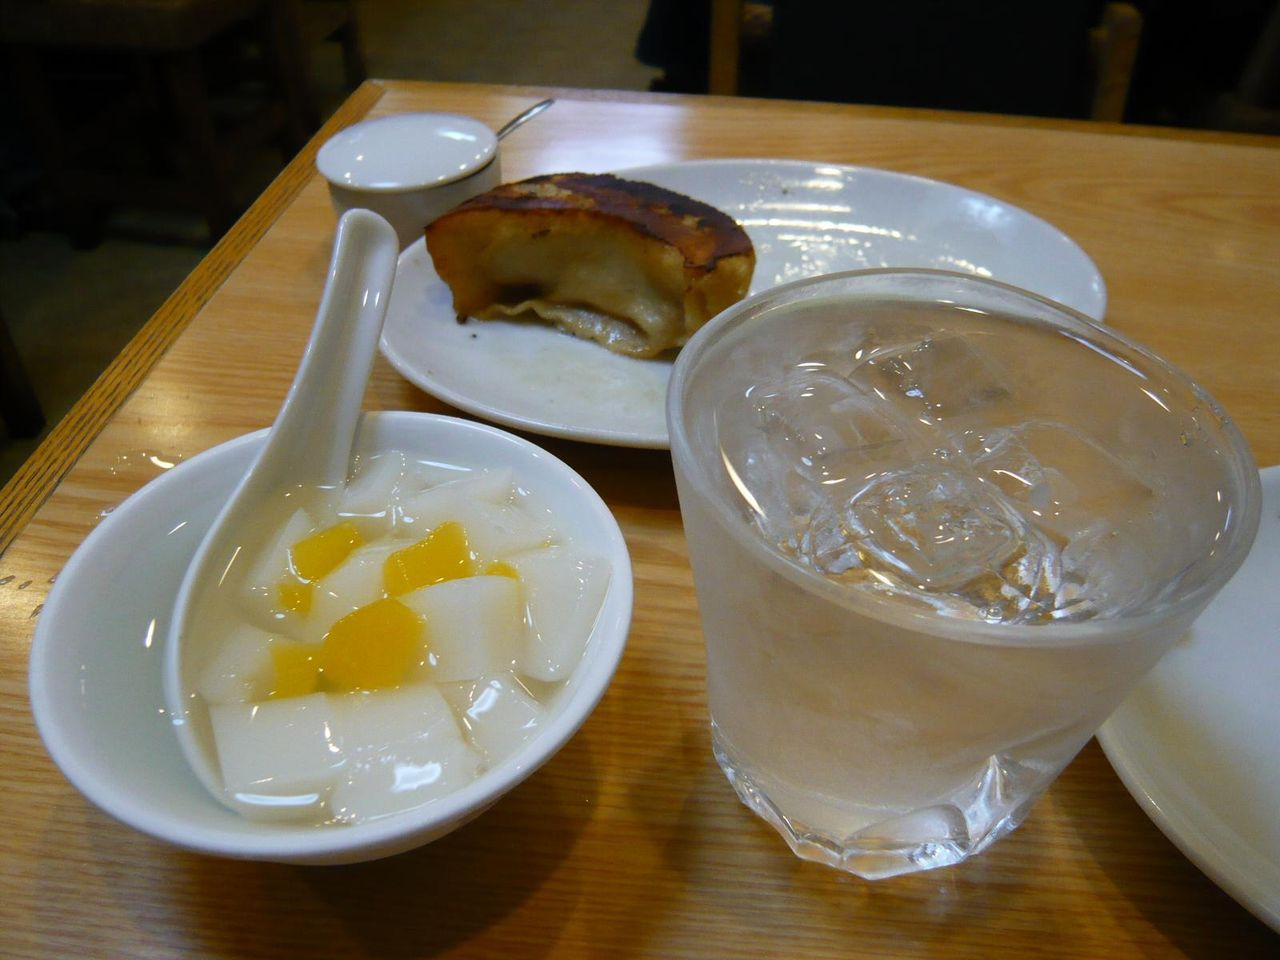 大きなグラスに注がれた焼酎400円とサービスの杏仁豆腐